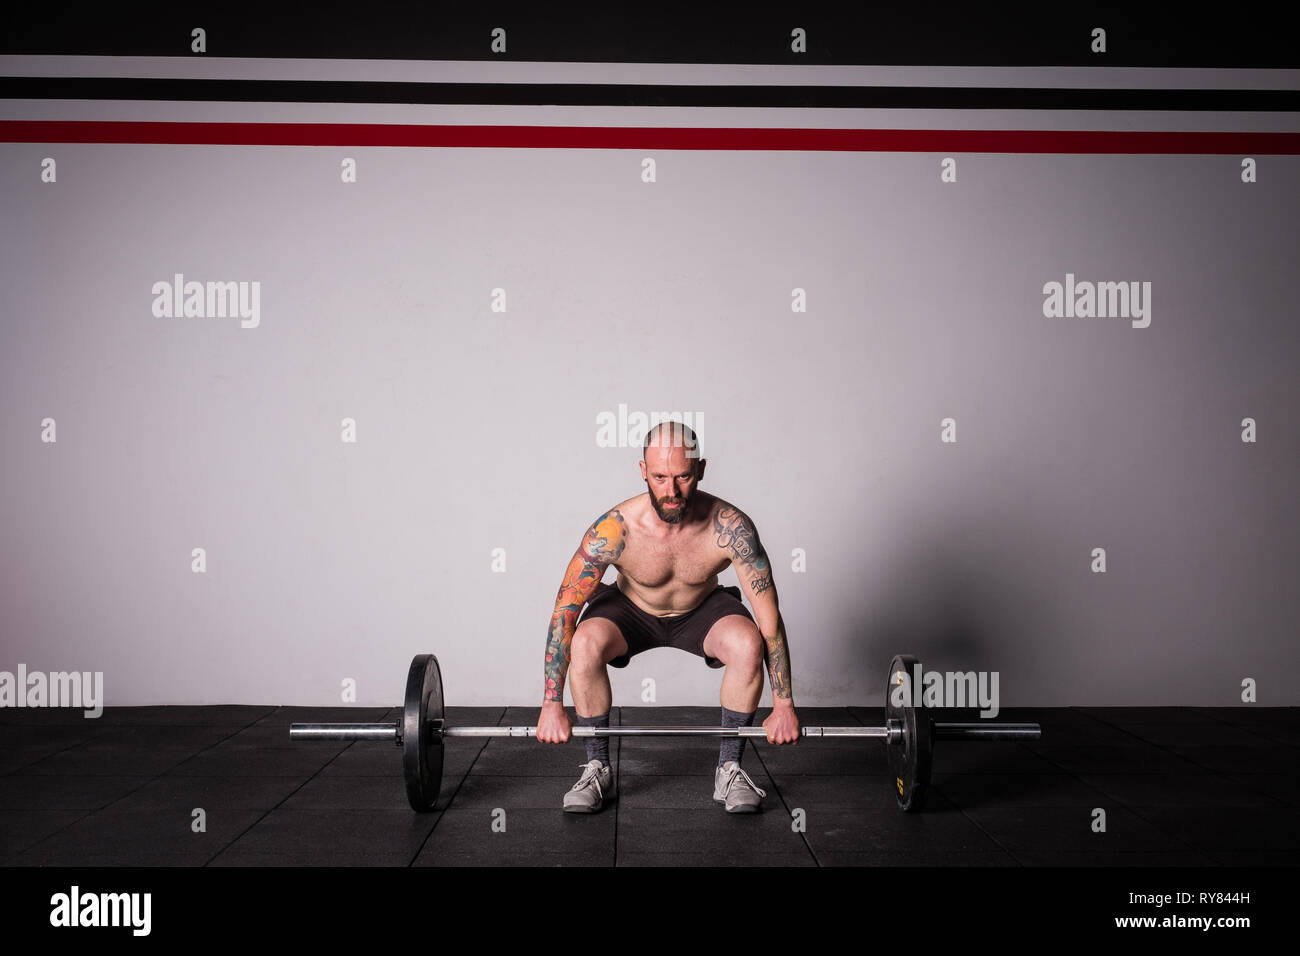 Athletischen jungen konzentriert Kerl in Sportswear upping Barbell in der Turnhalle Stockbild